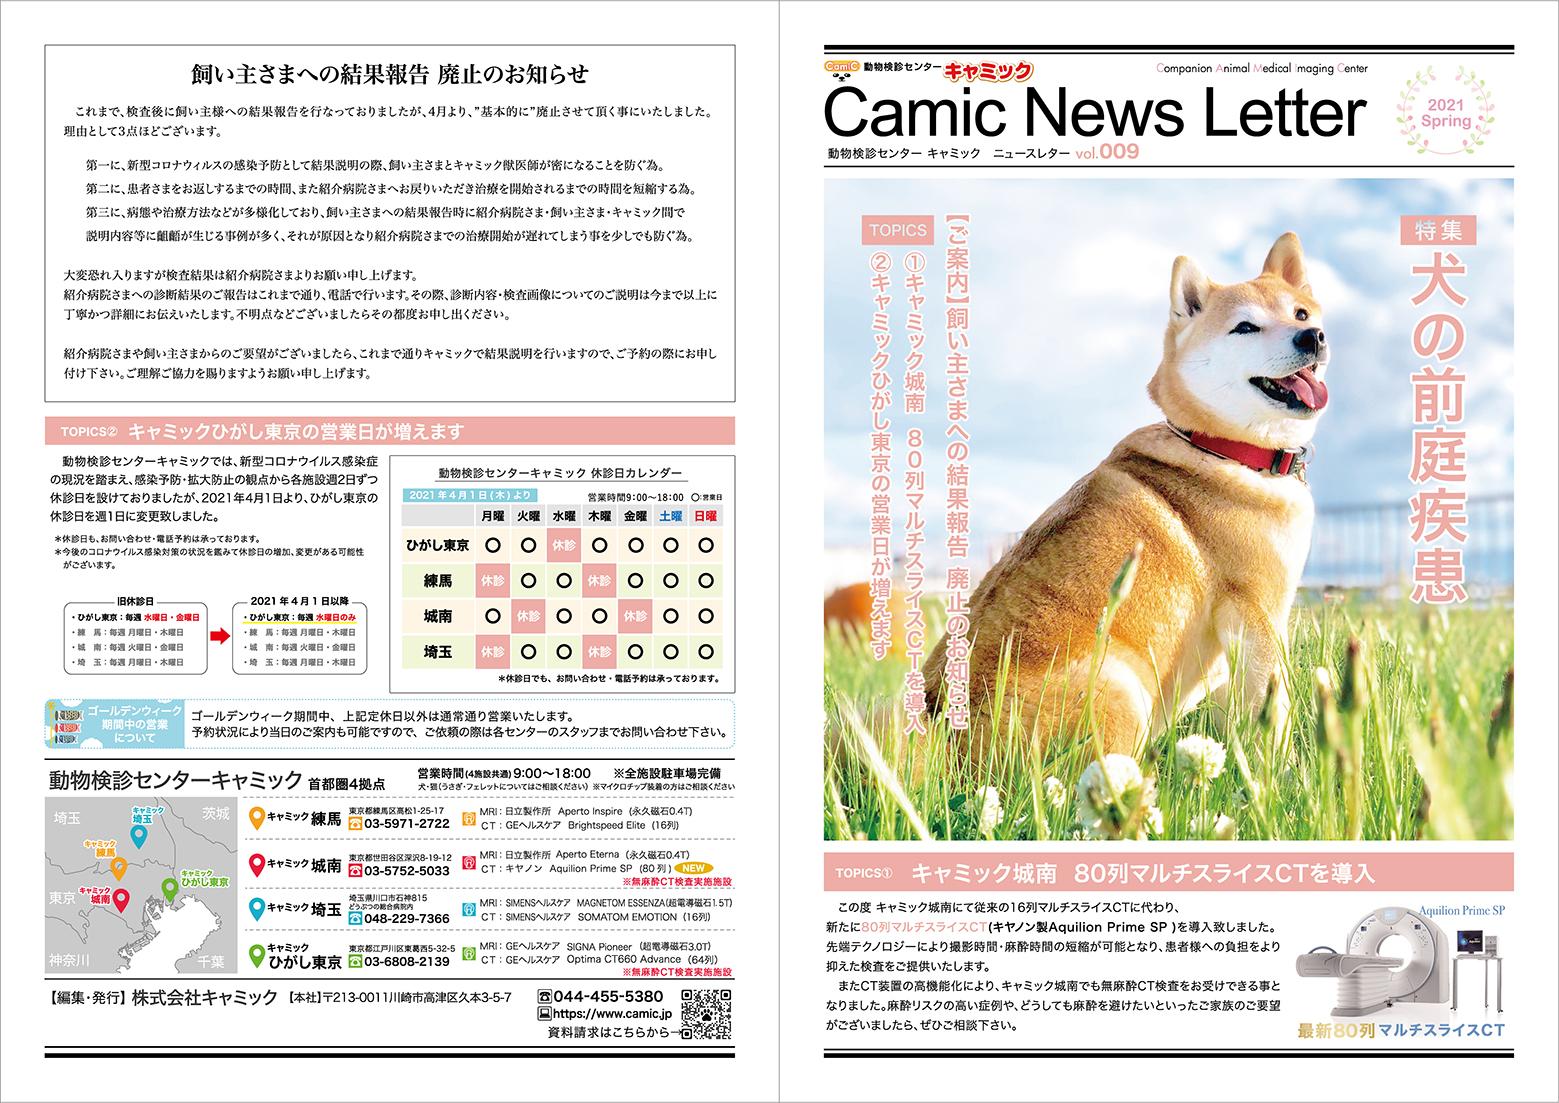 ニュースレター発行のご案内(2021年4月号)